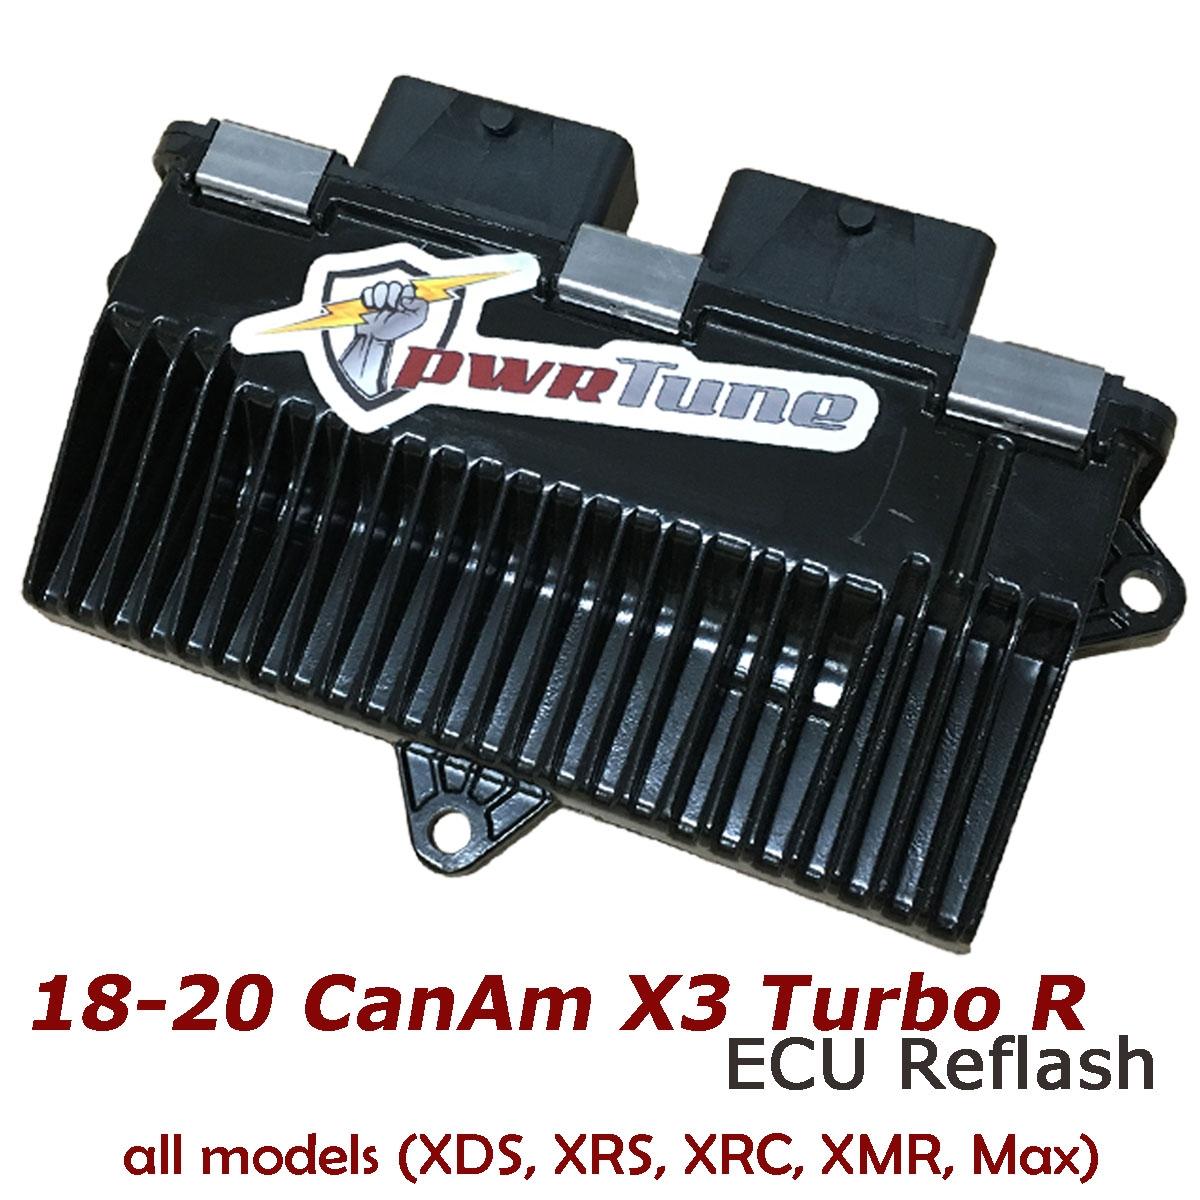 pwrTune ECU Reflash CanAm 2018-2019 X3 Turbo